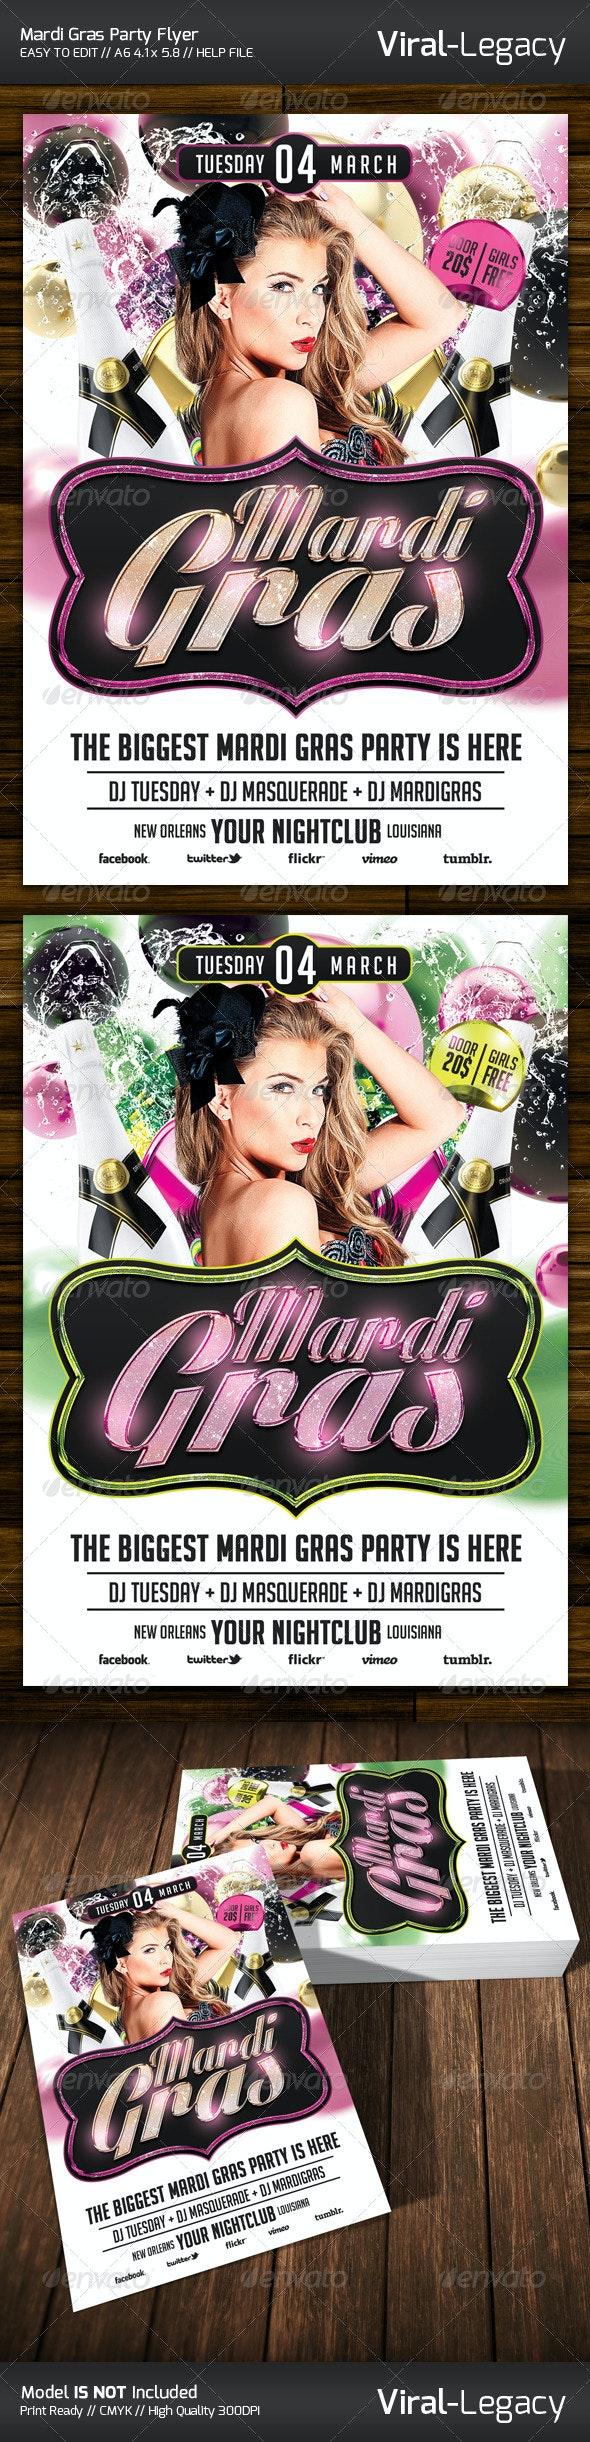 Mardi Gras Party Flyer - Flyers Print Templates